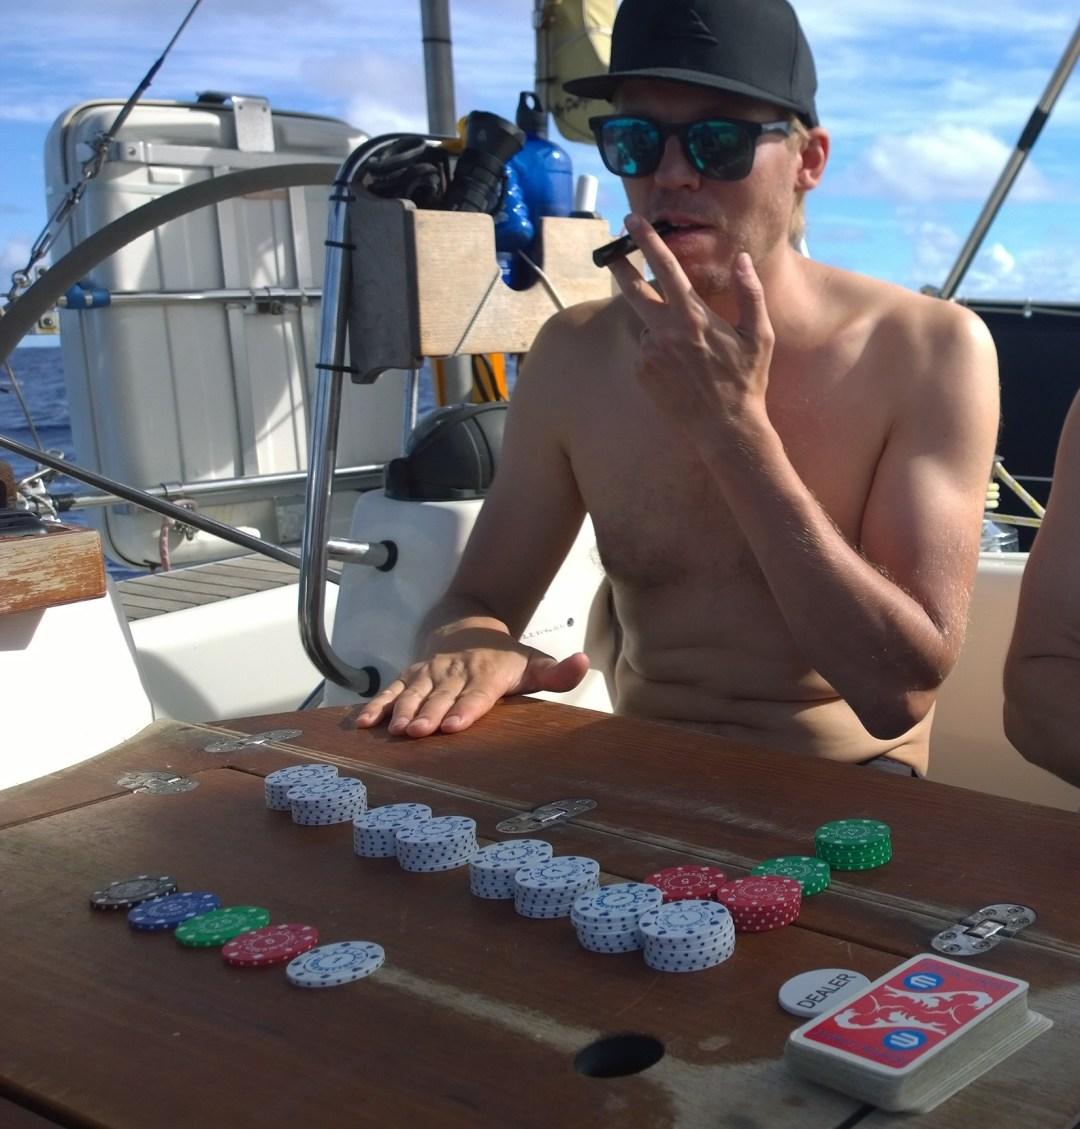 Näyttää suorastaan paheelliselta, että sikaaarejako siellä veneellä poltellaan. Ehei, Taktikko jakoi ensimmäisen pokeripelin kunniaksi meille lakupötköjä uskomattomista karkkivarastoistaan!